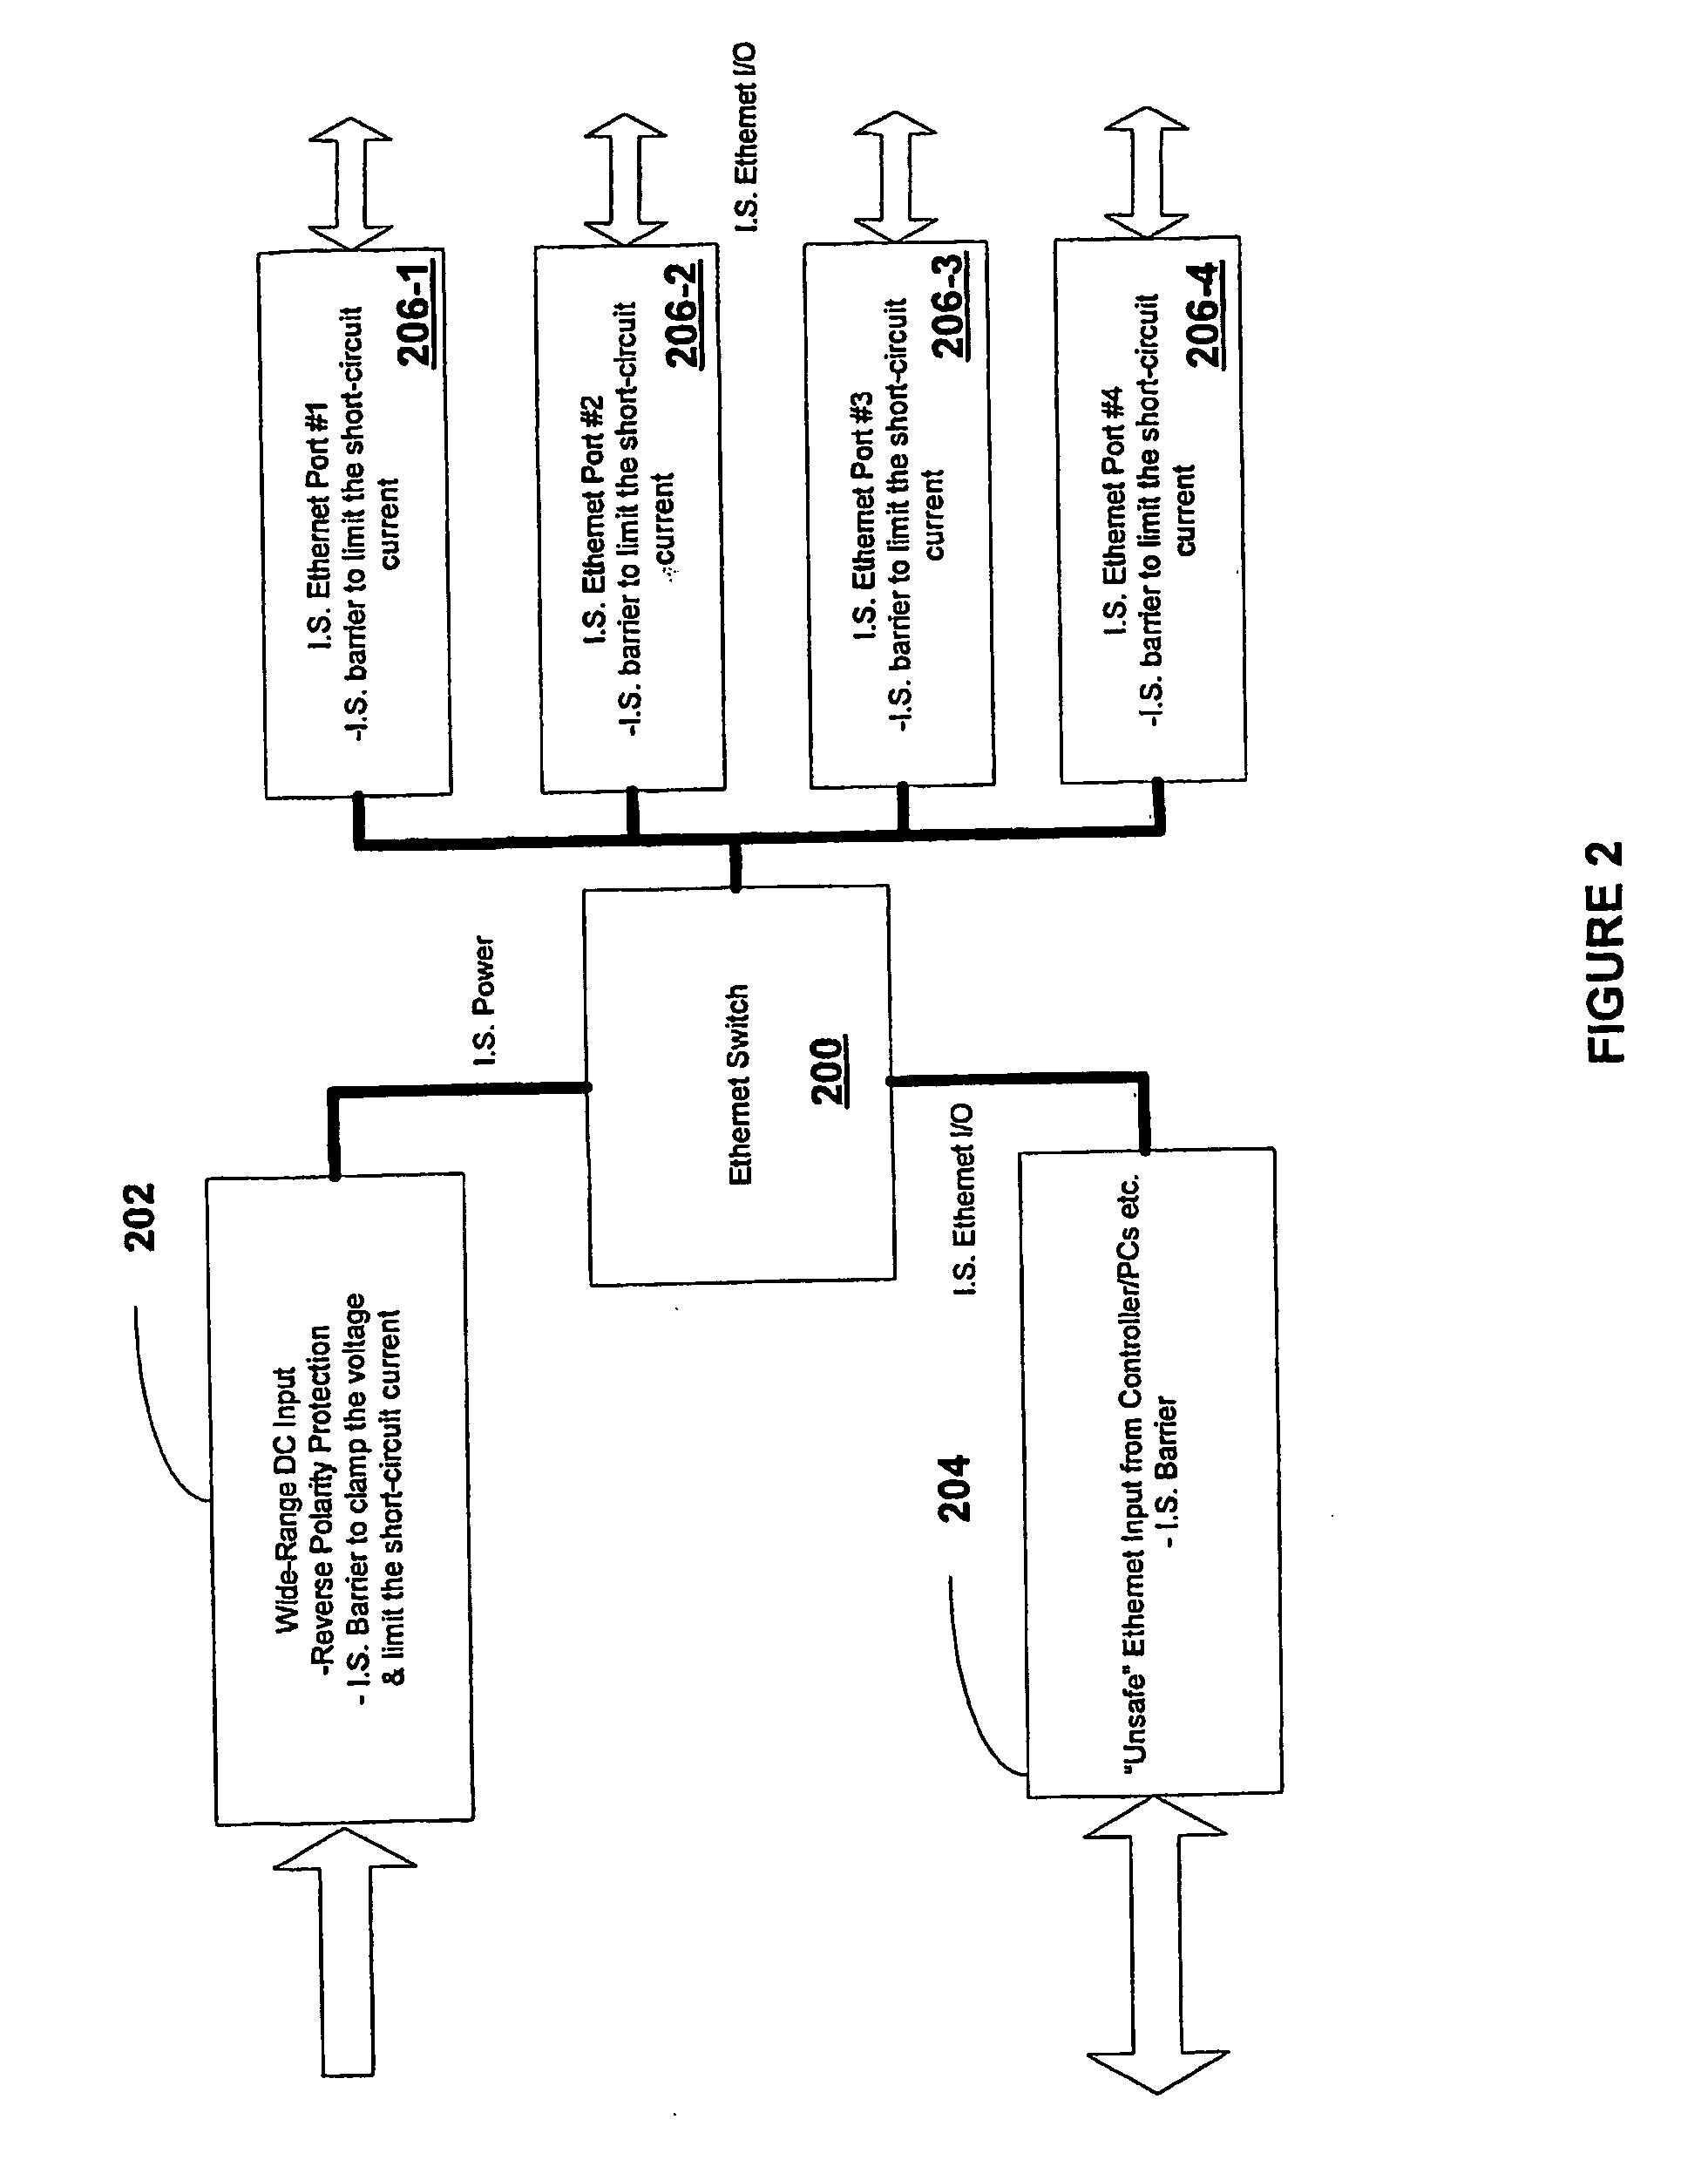 patent us20080285186